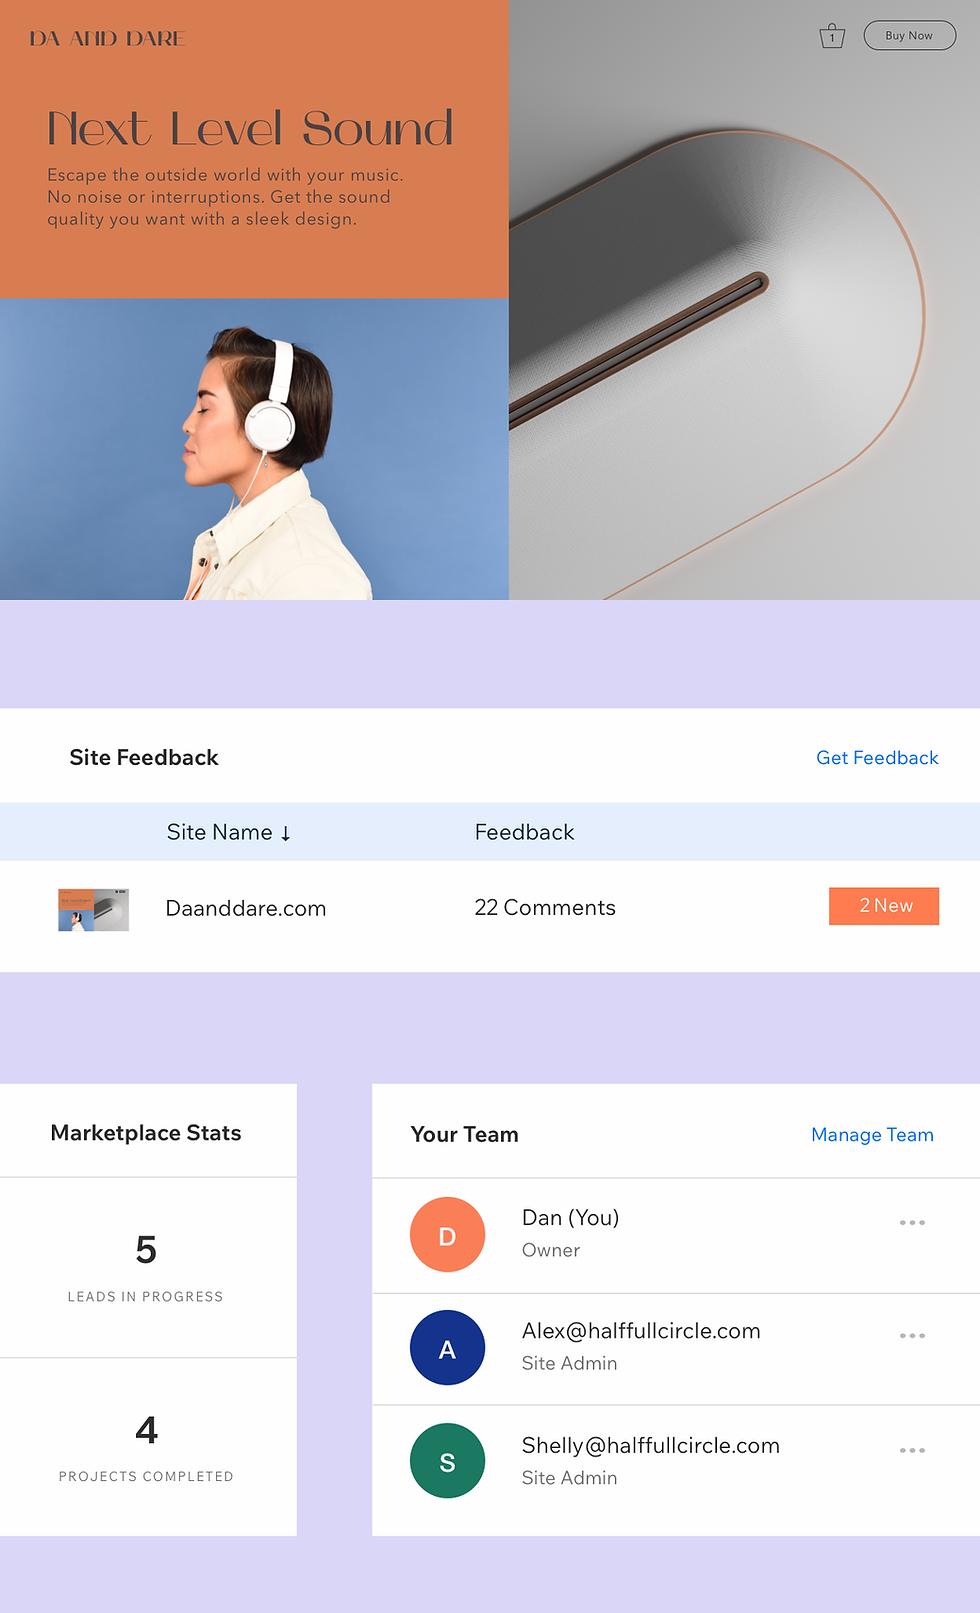 Sito web di cuffie con visualizzazione dei collaboratori del sito.